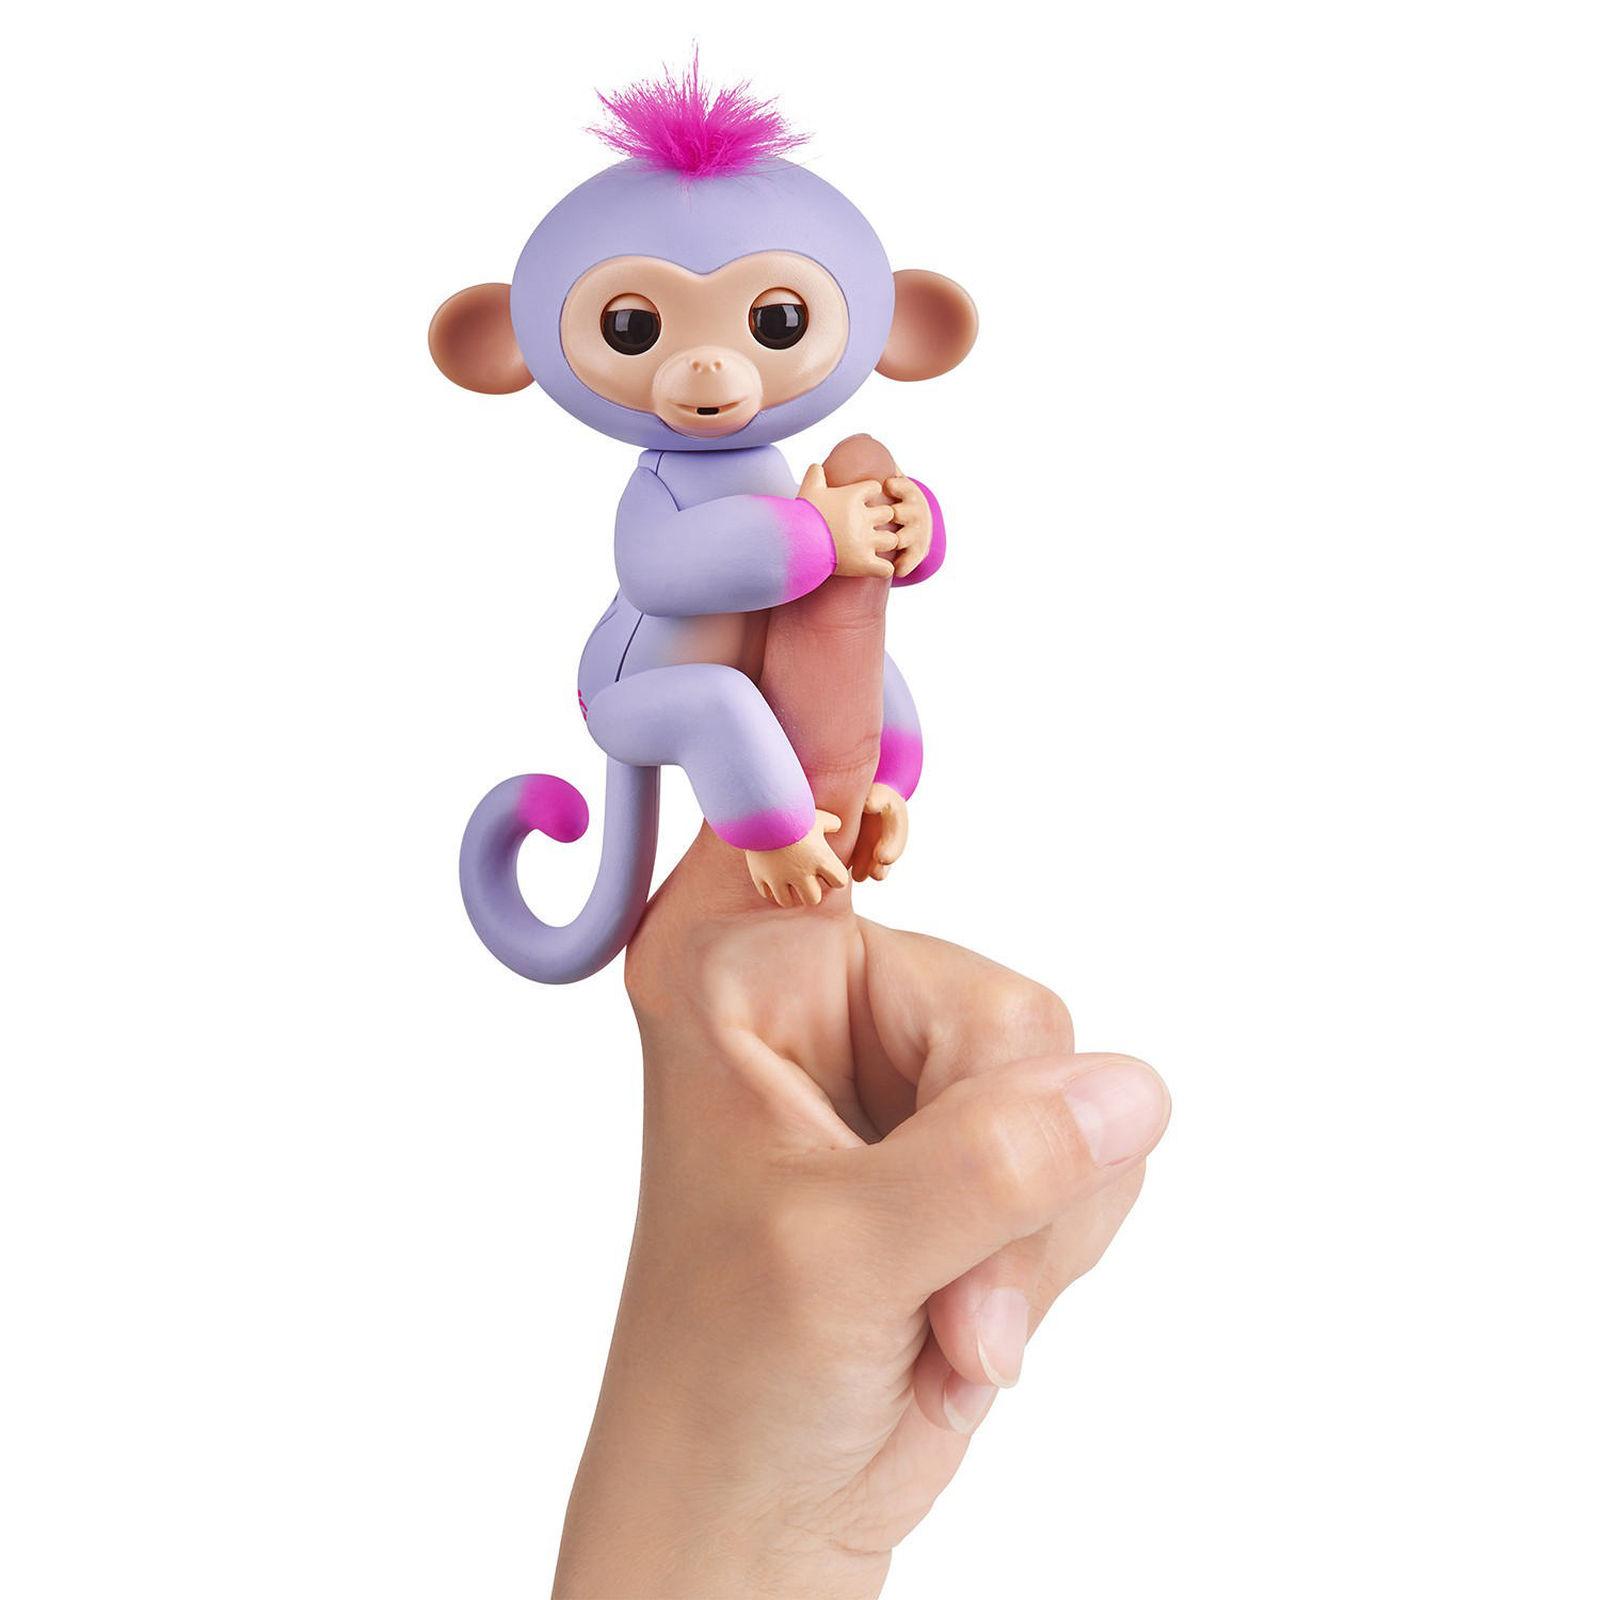 Купить Интерактивная обезьянка Сидней, цвет - пурпур и розовая, 12 см., WowWee